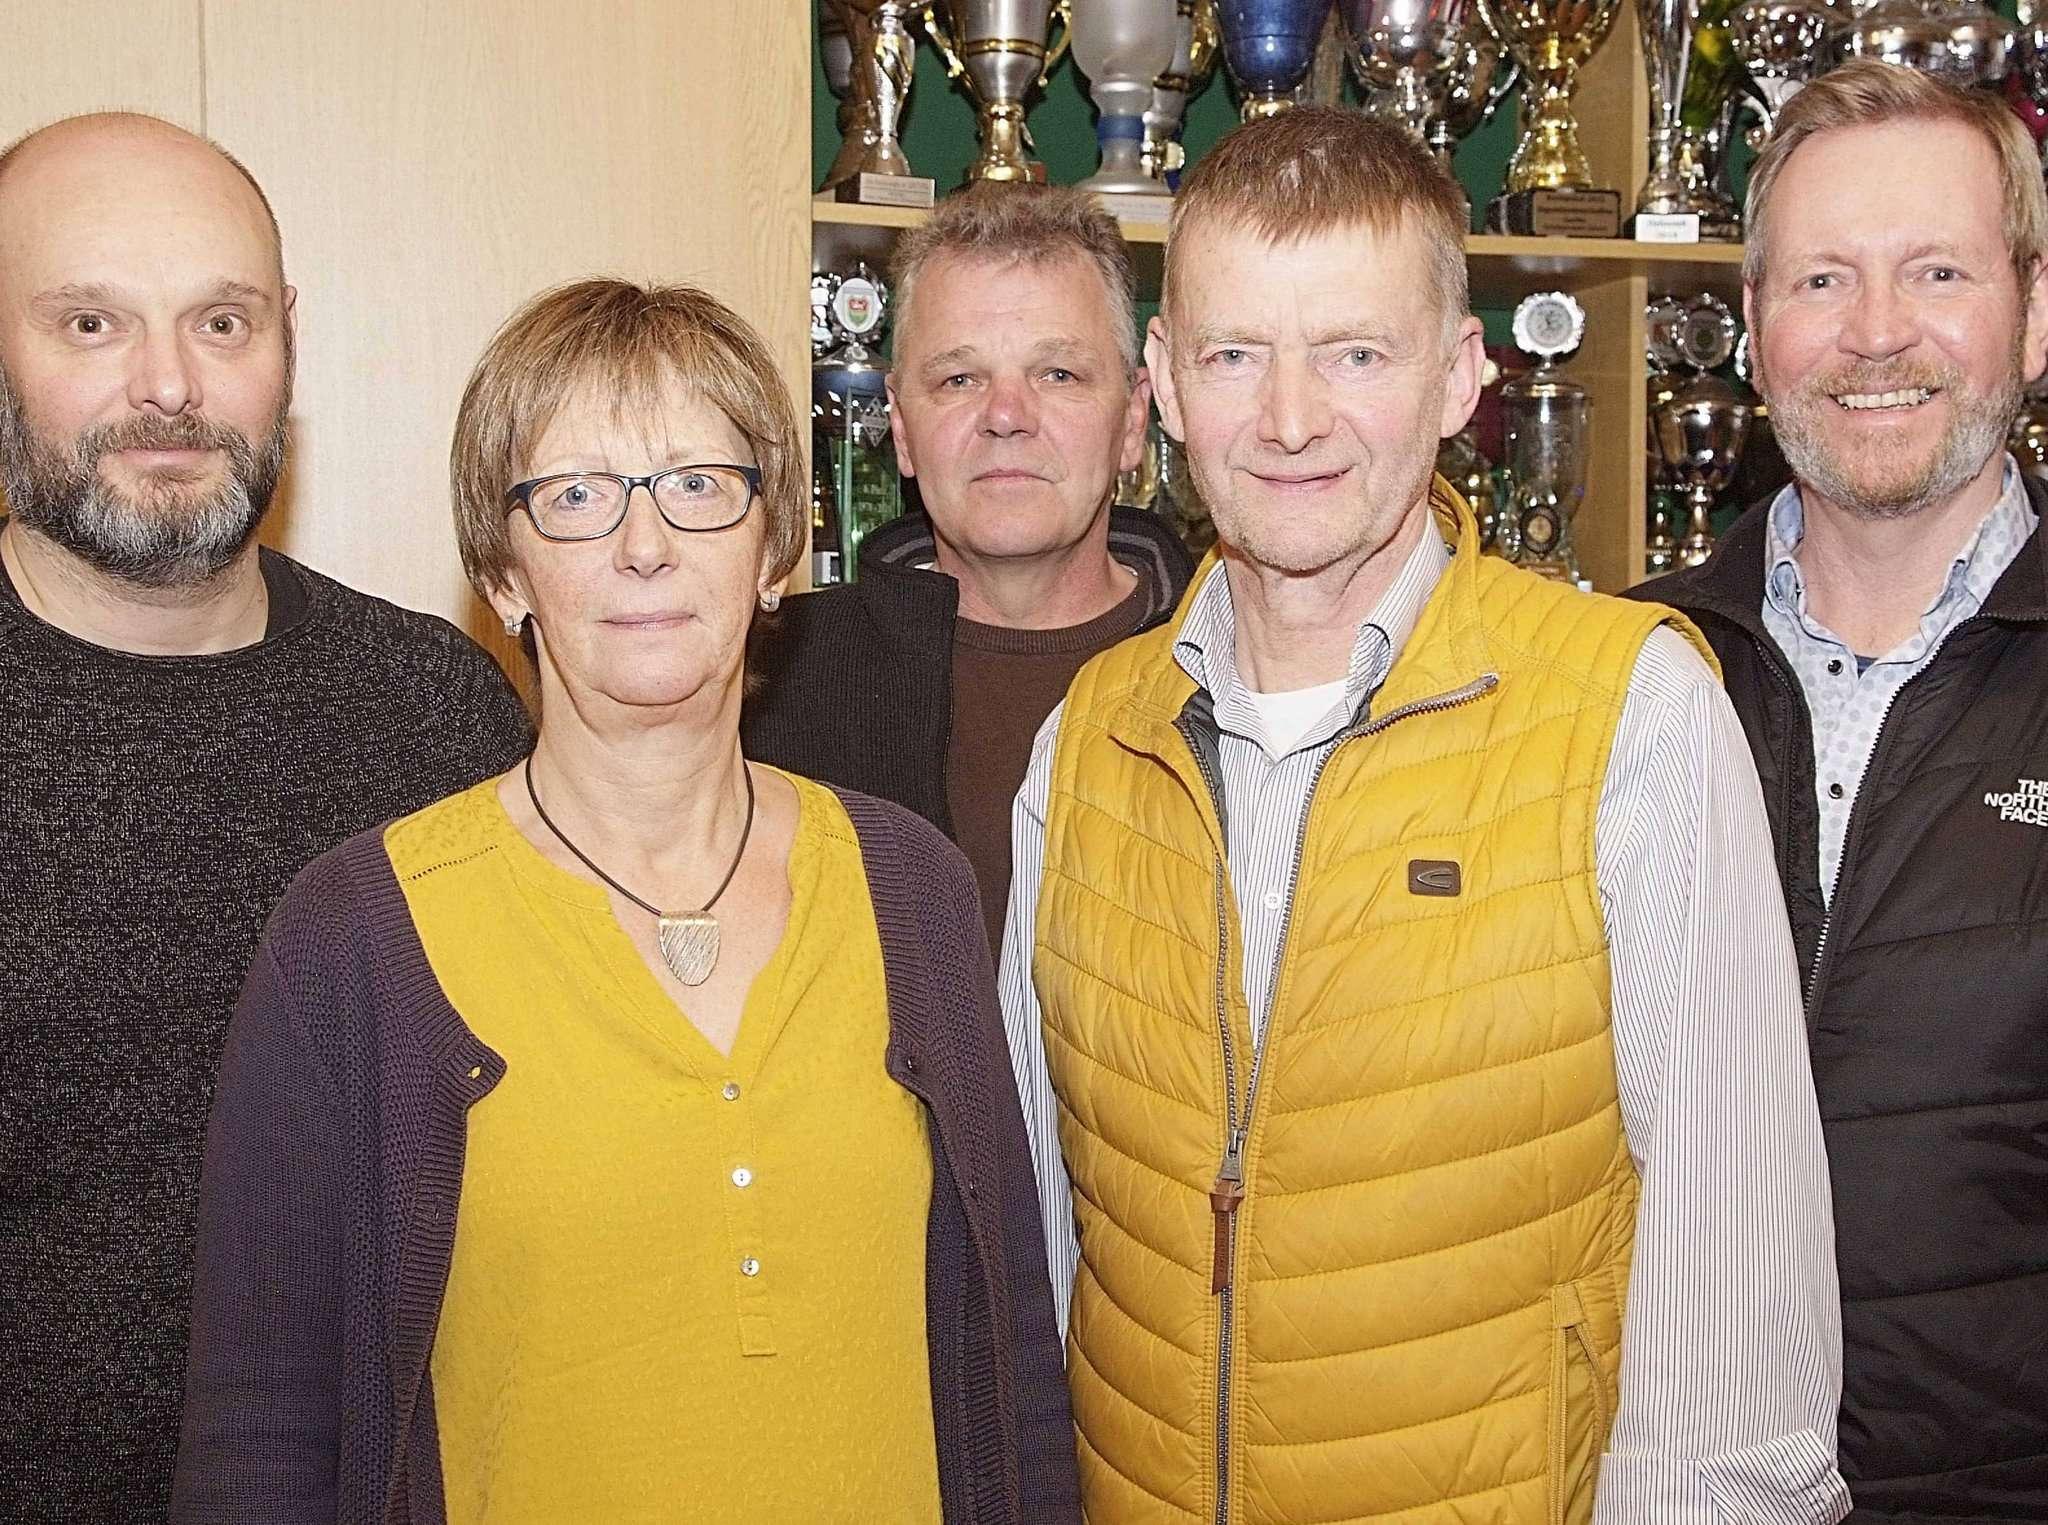 Der Vorstand des TSV Otterstedt (von links): Frank Rieckenberg, Renate Frese, Hartmut Rieckenberg, Horst Hofmann und Klaus Diem  Foto: Tobias Woelki